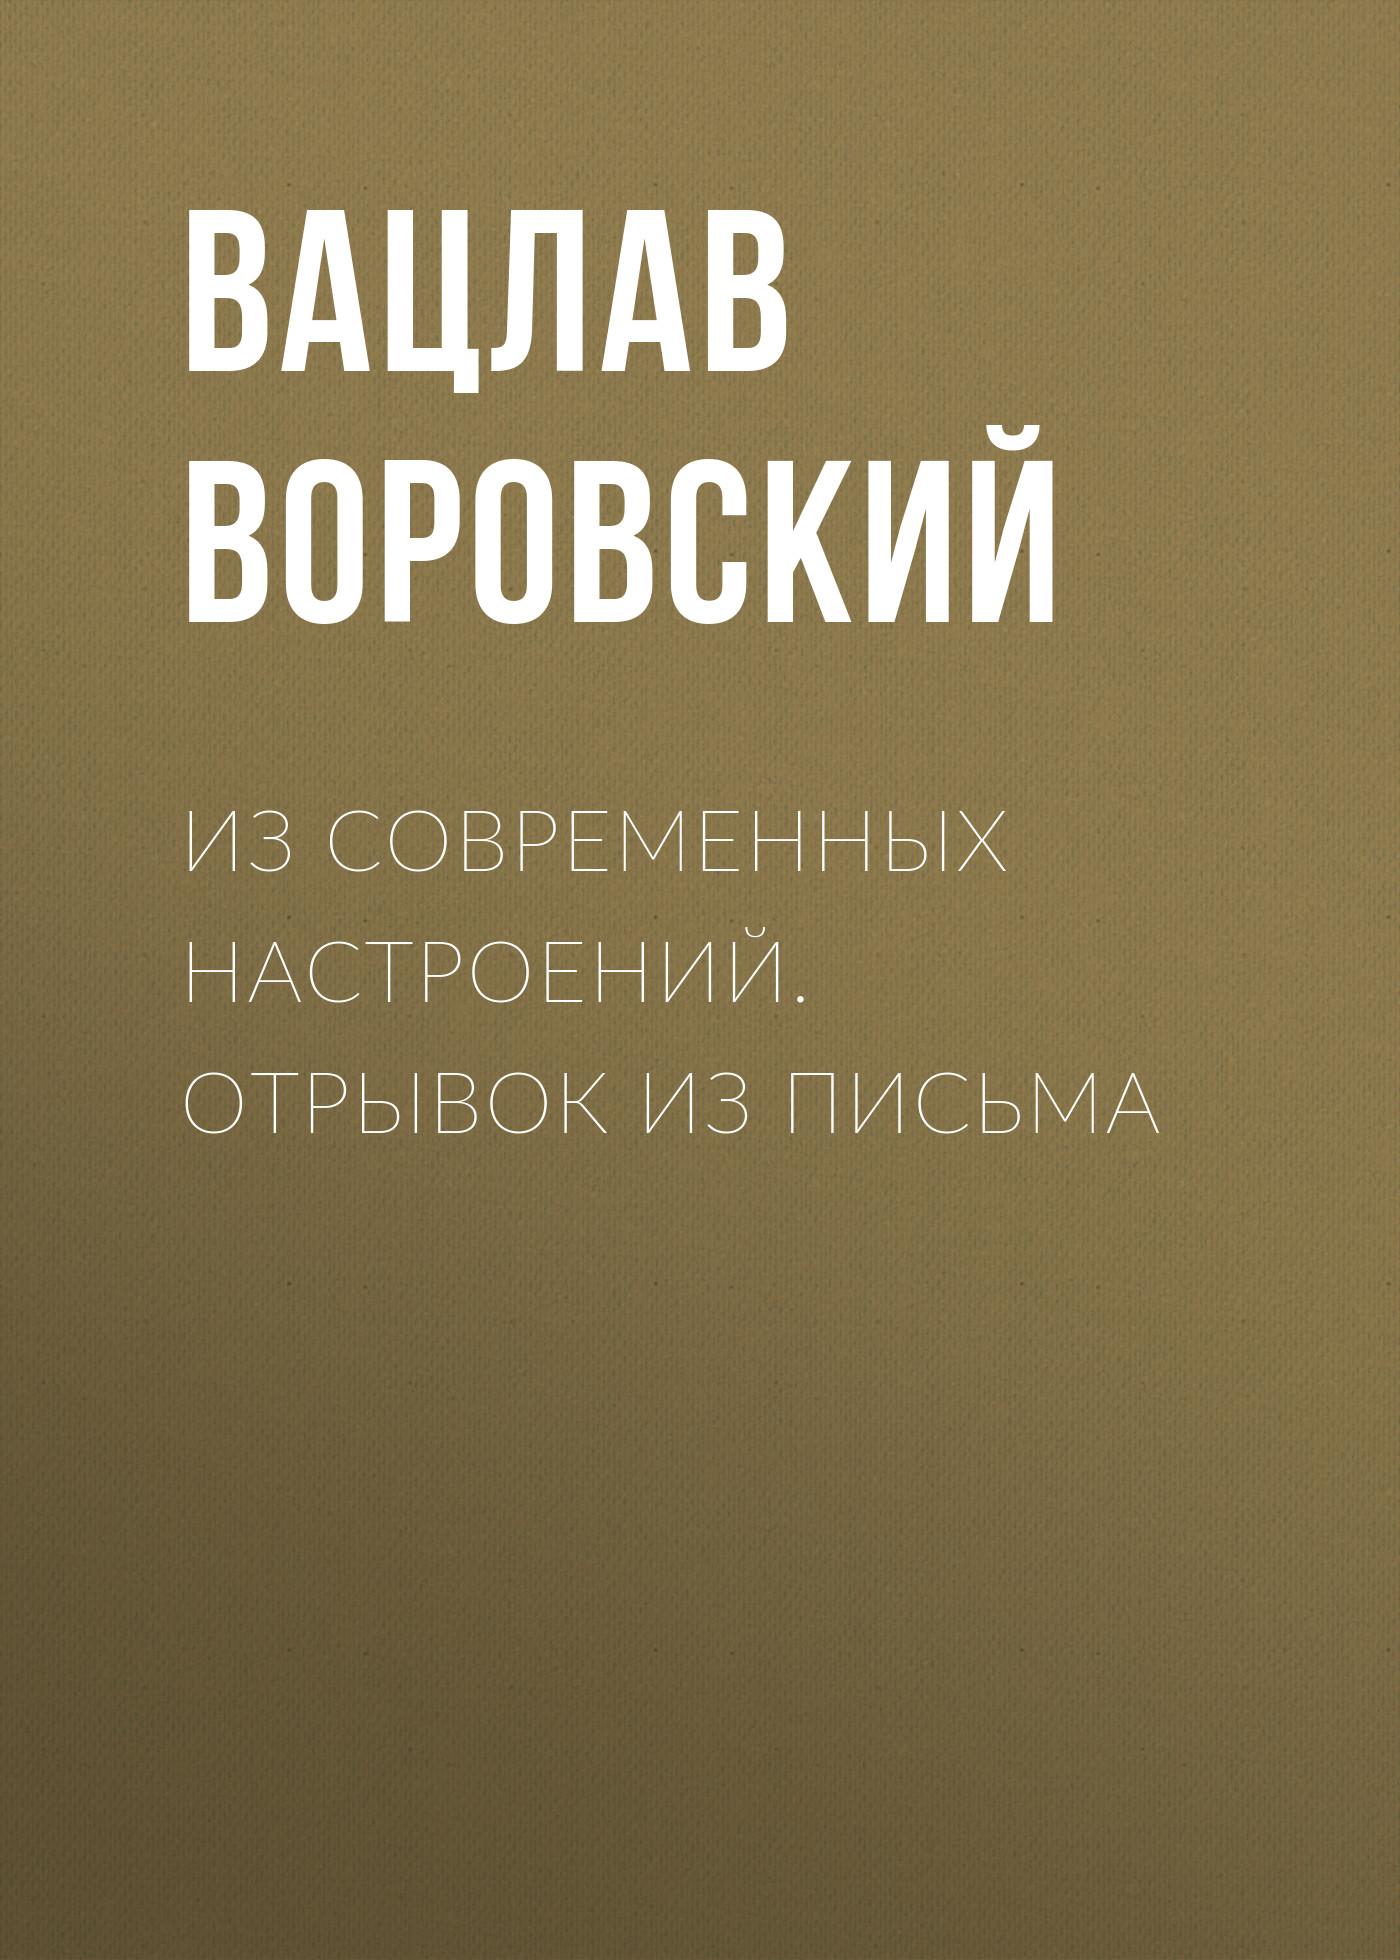 Вацлав Воровский Из современных настроений. Отрывок из письма вацлав воровский на лысой горе